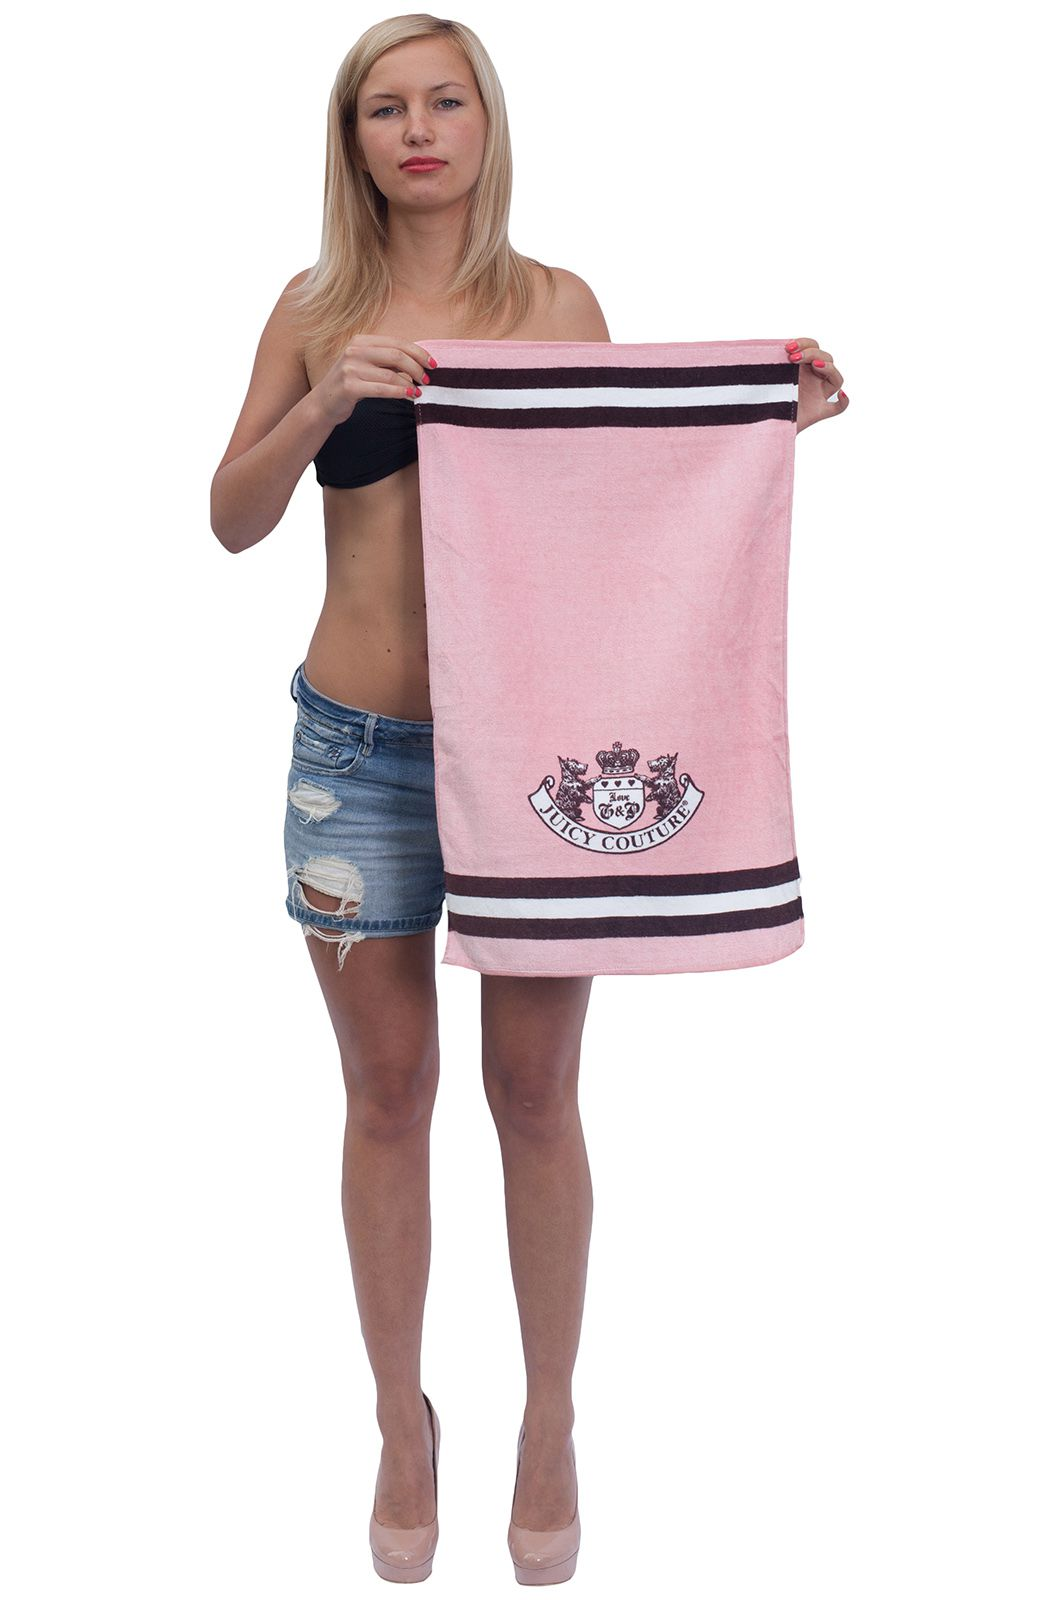 Сколько стоит набор полотенец? В нашем интернет магазине всего 500р!